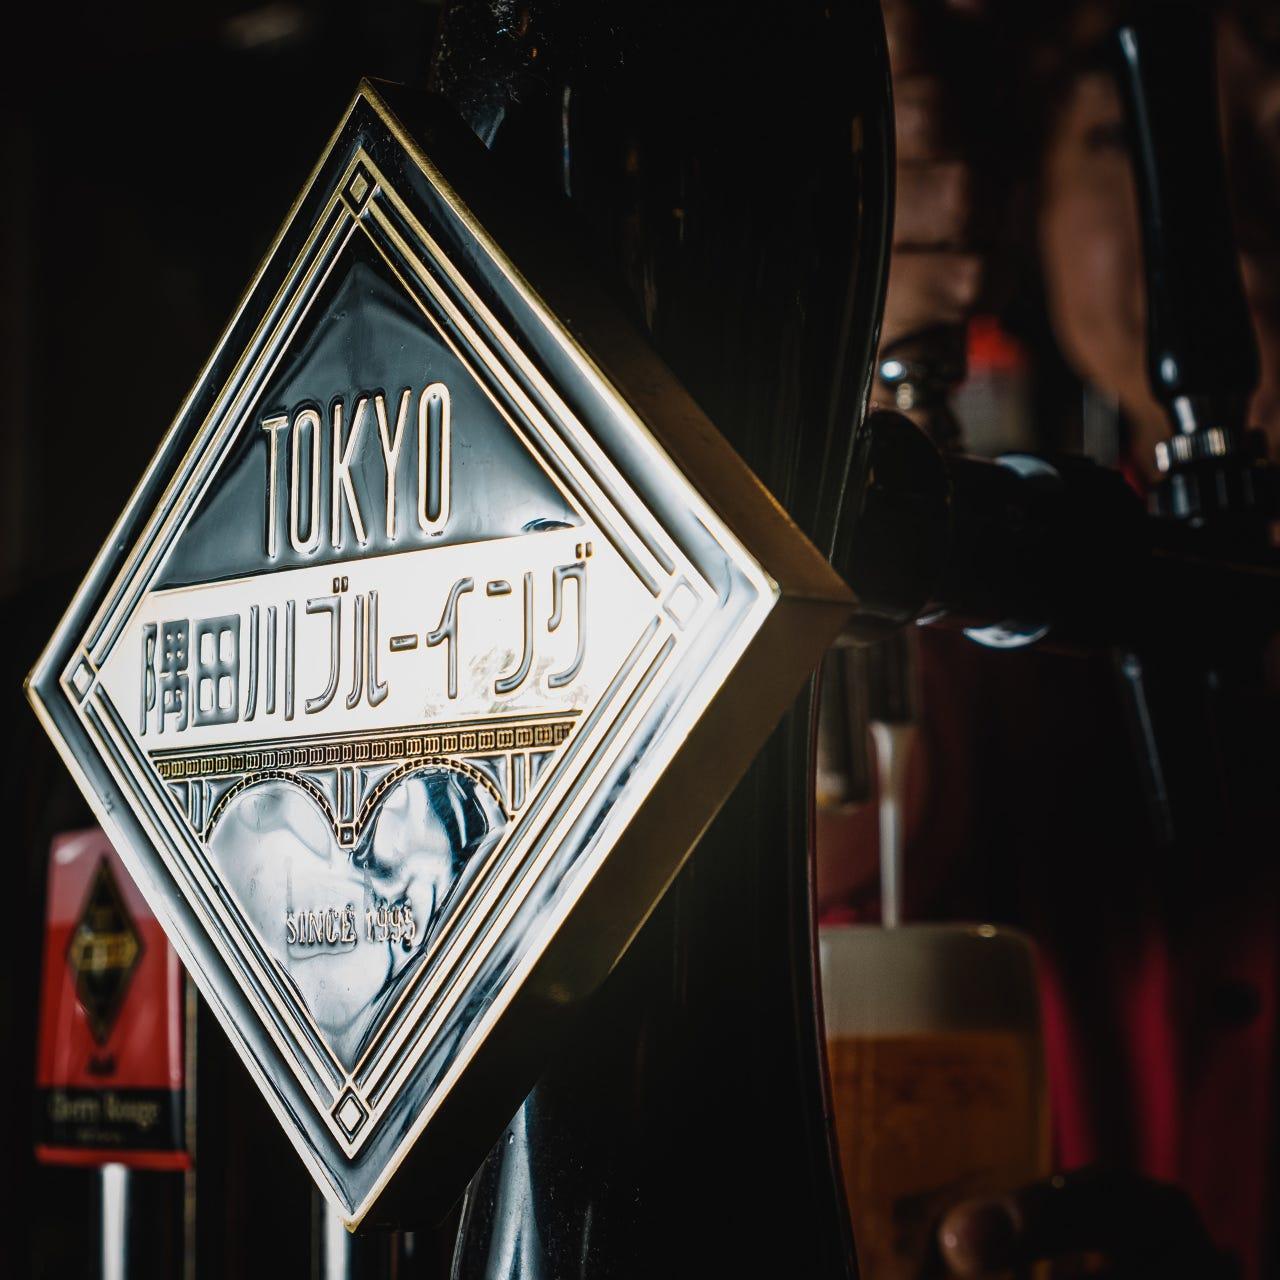 ◆生ヒューガルデン他、世界のビール